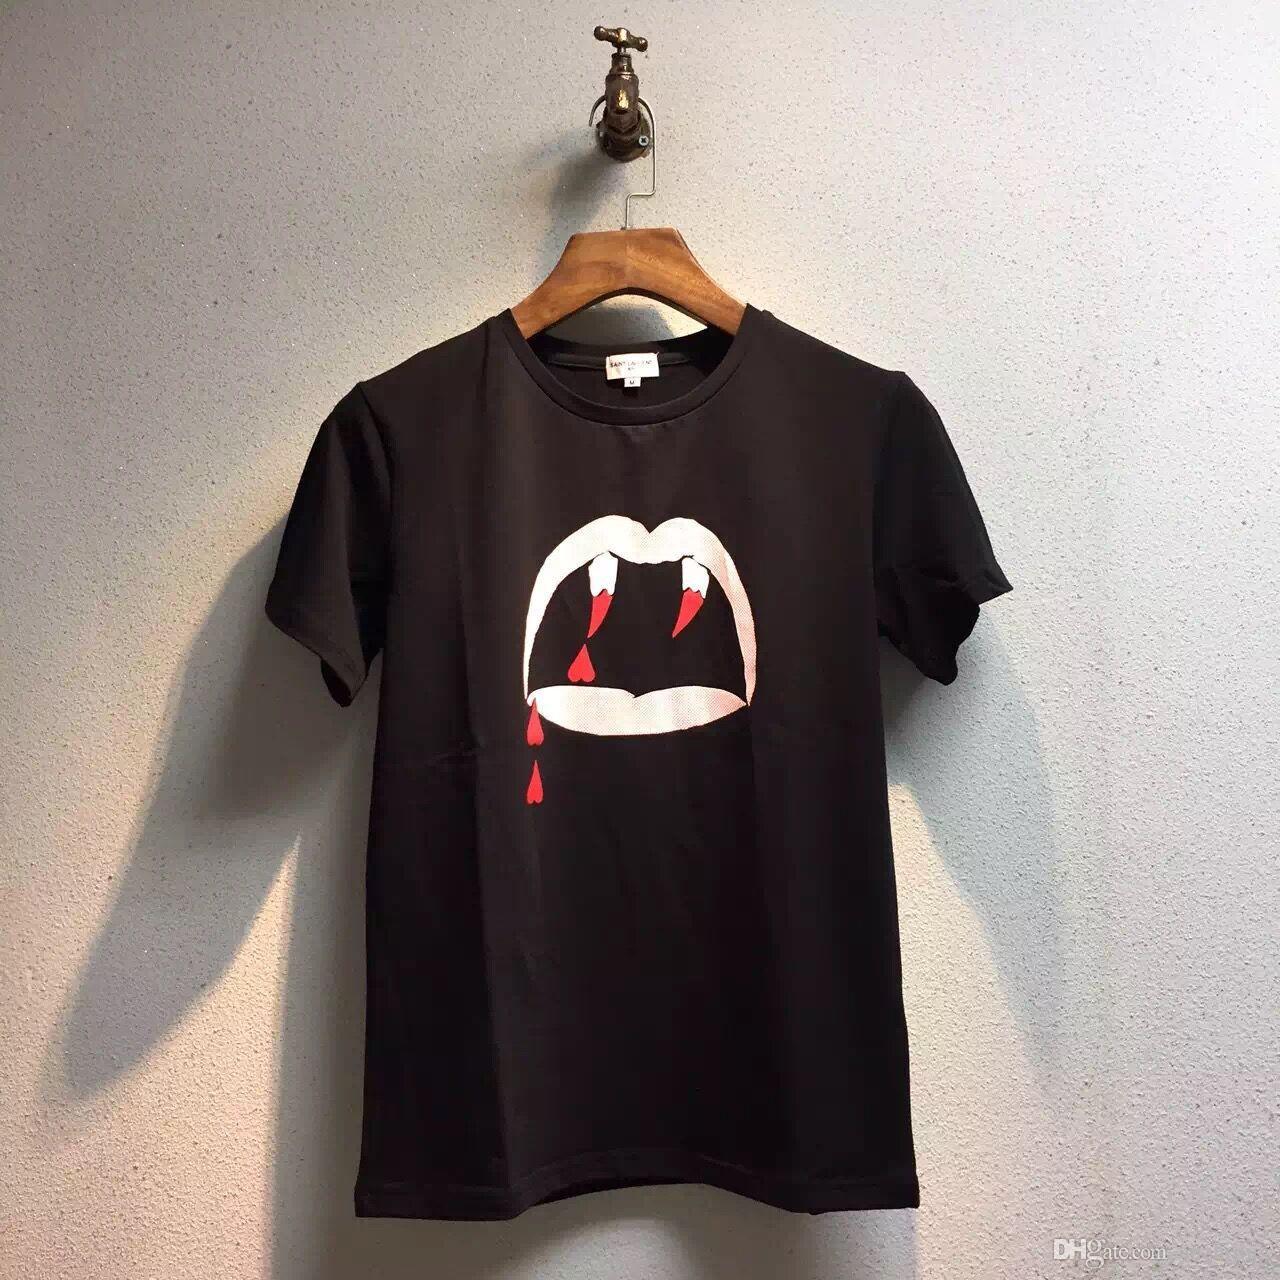 los hombres de verano de lujo camisetas Brands Europe mujeres de los hombres de diseño de moda camiseta de manga corta negro blanco tamaño S-XXL el envío libre